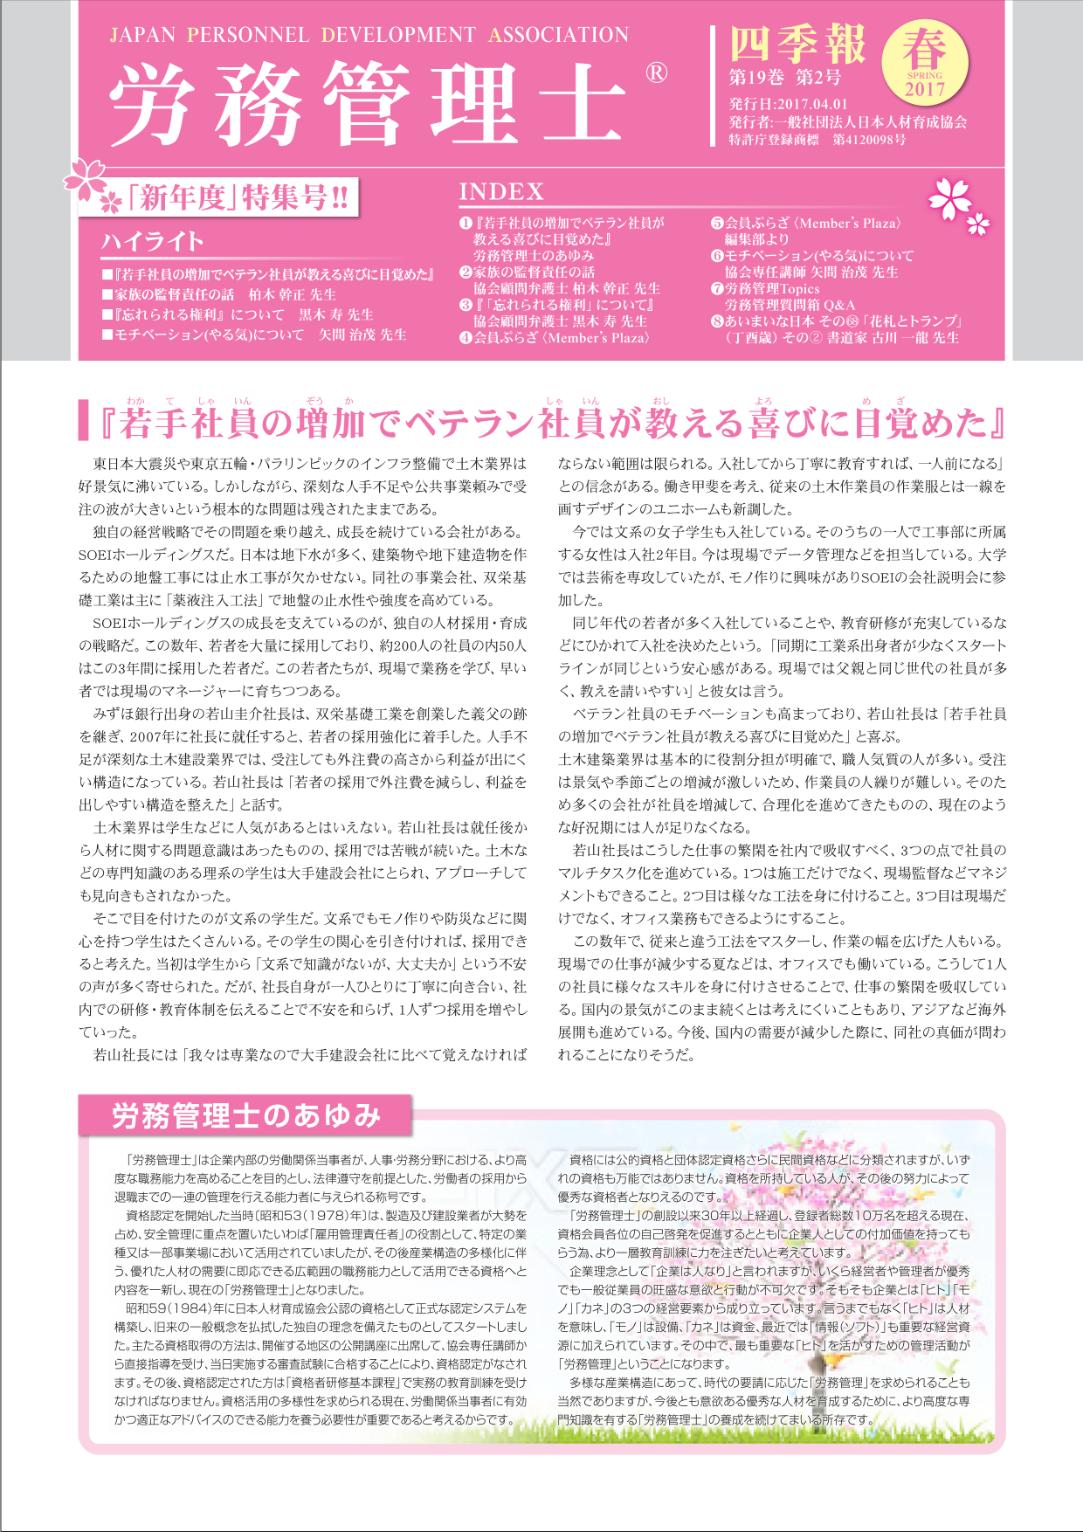 四季報_19巻第2号